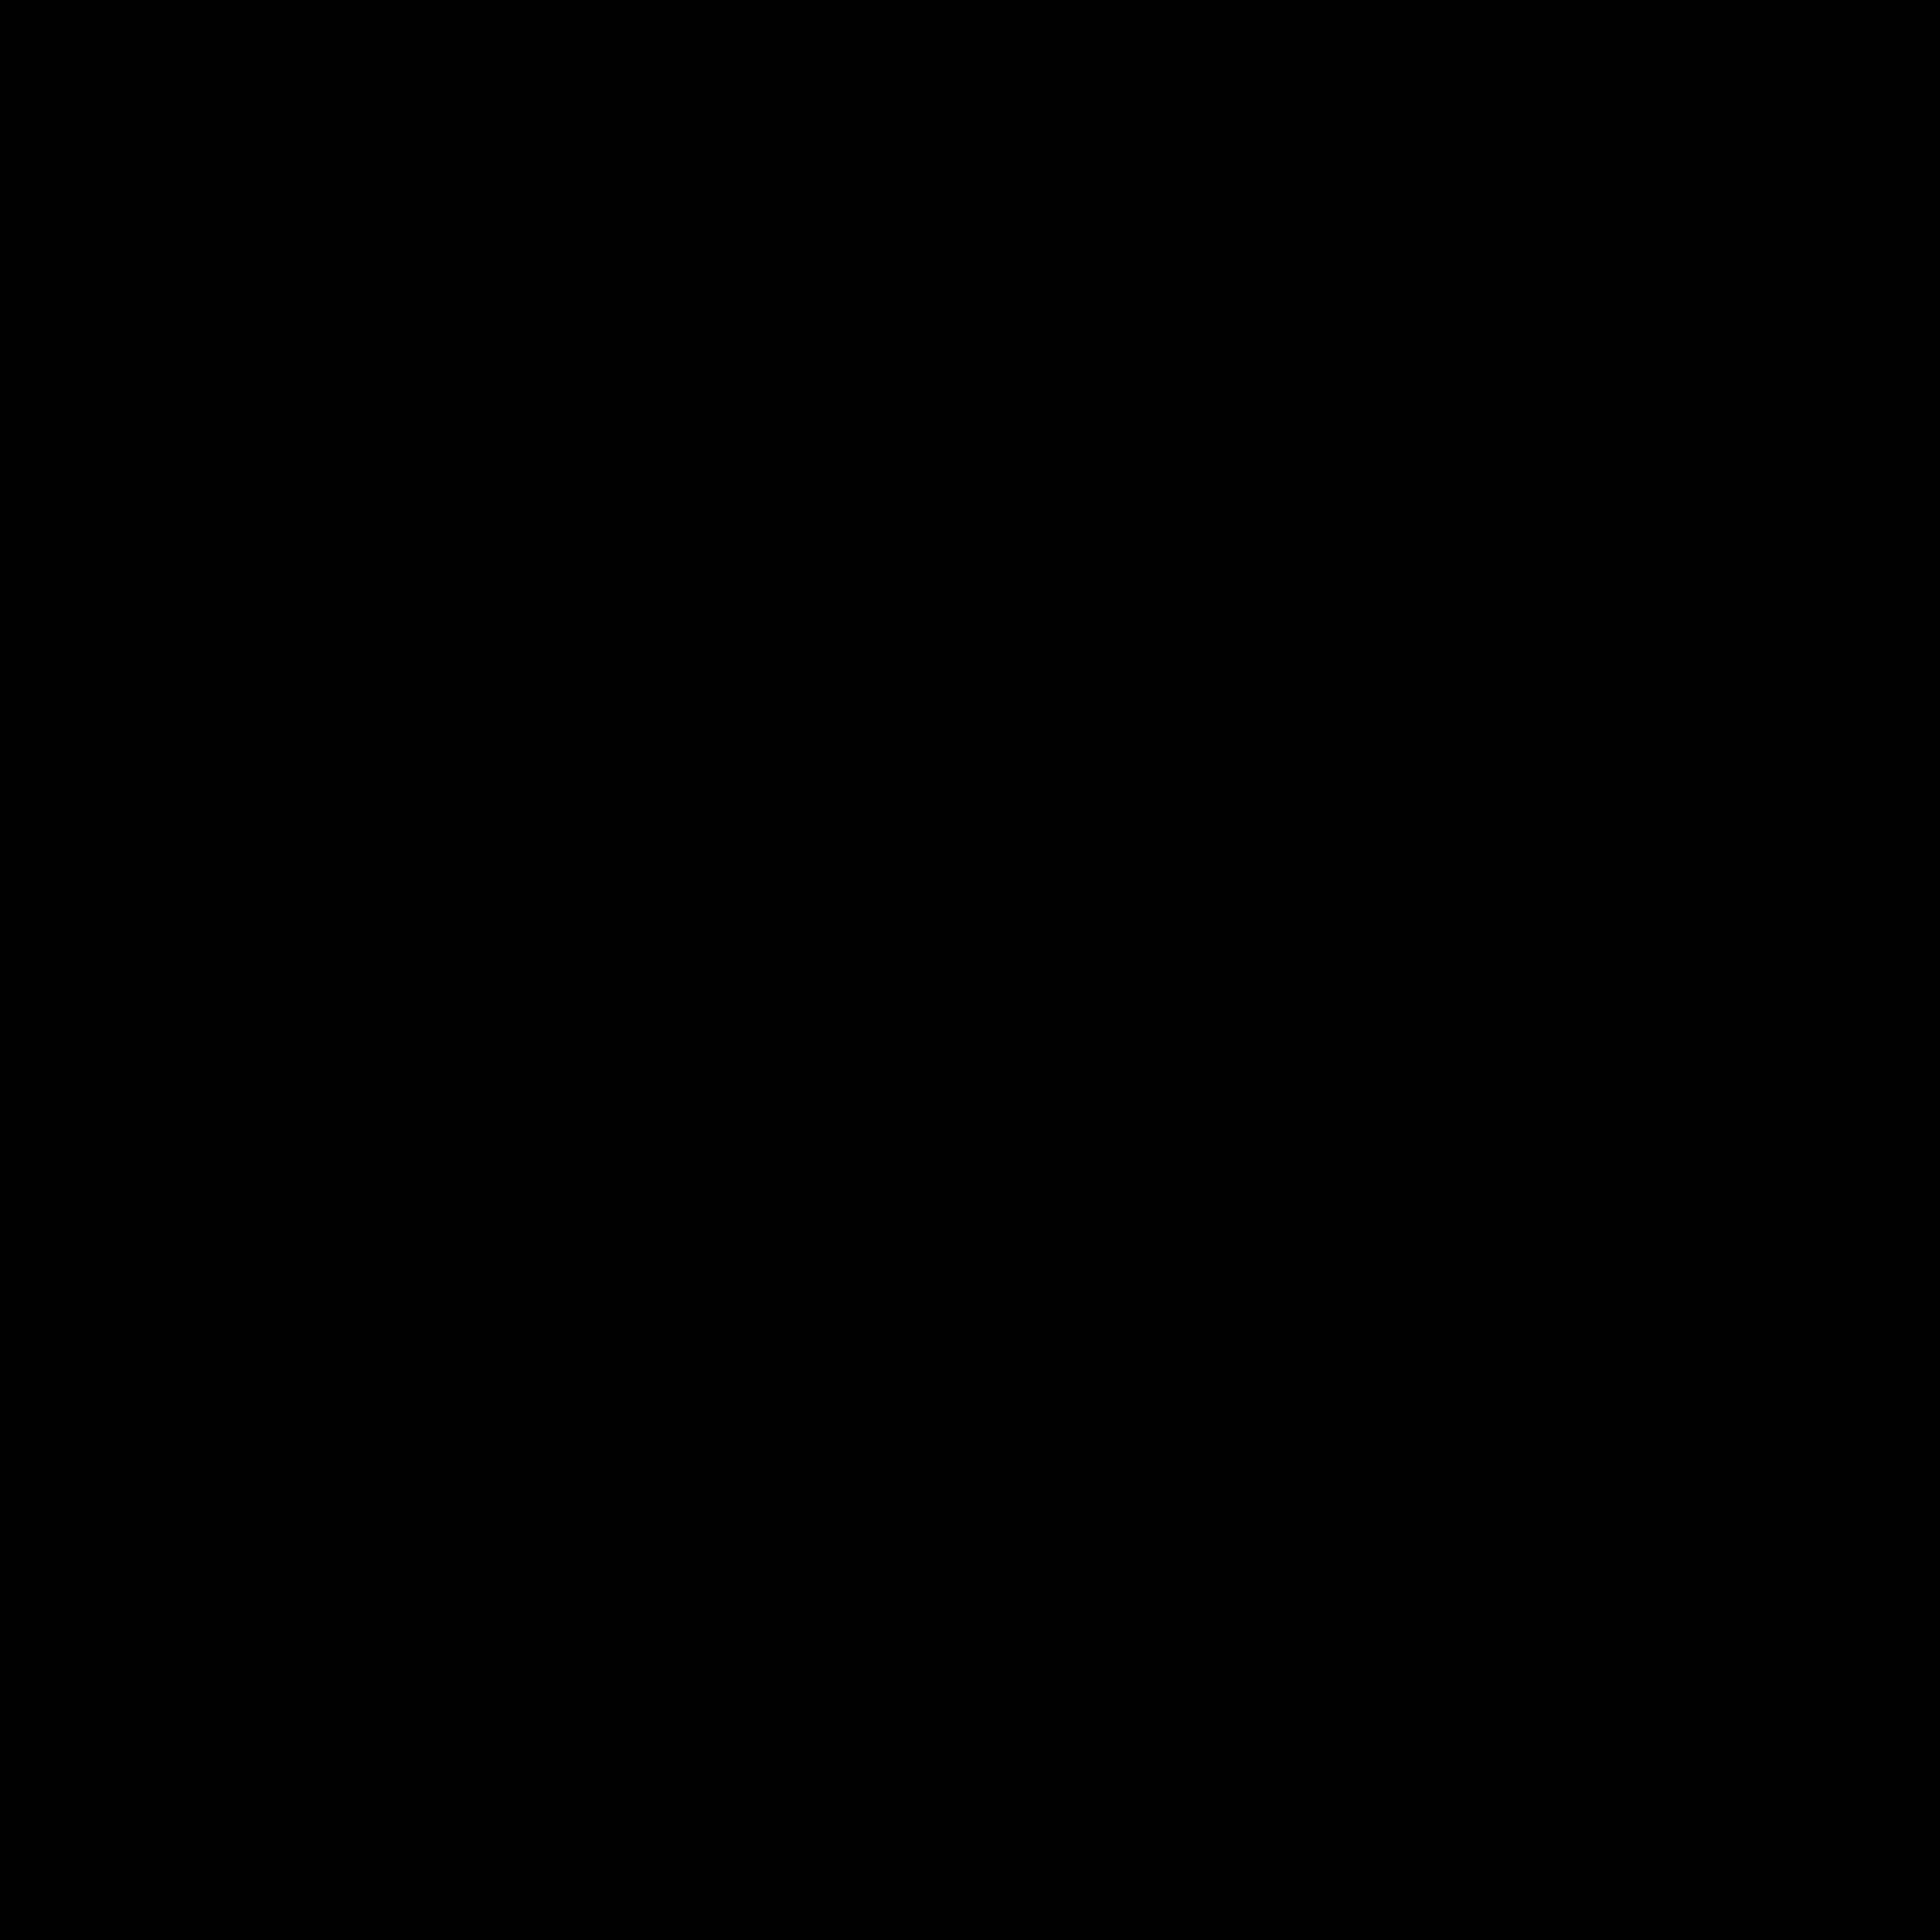 İŞSAN MUTFAK | Endüstriyel mutfak - Soğuk oda - Havalandırma sistemleri -  Çamaşırhane sistemleri AKSARAY - PNG Fall Black And White